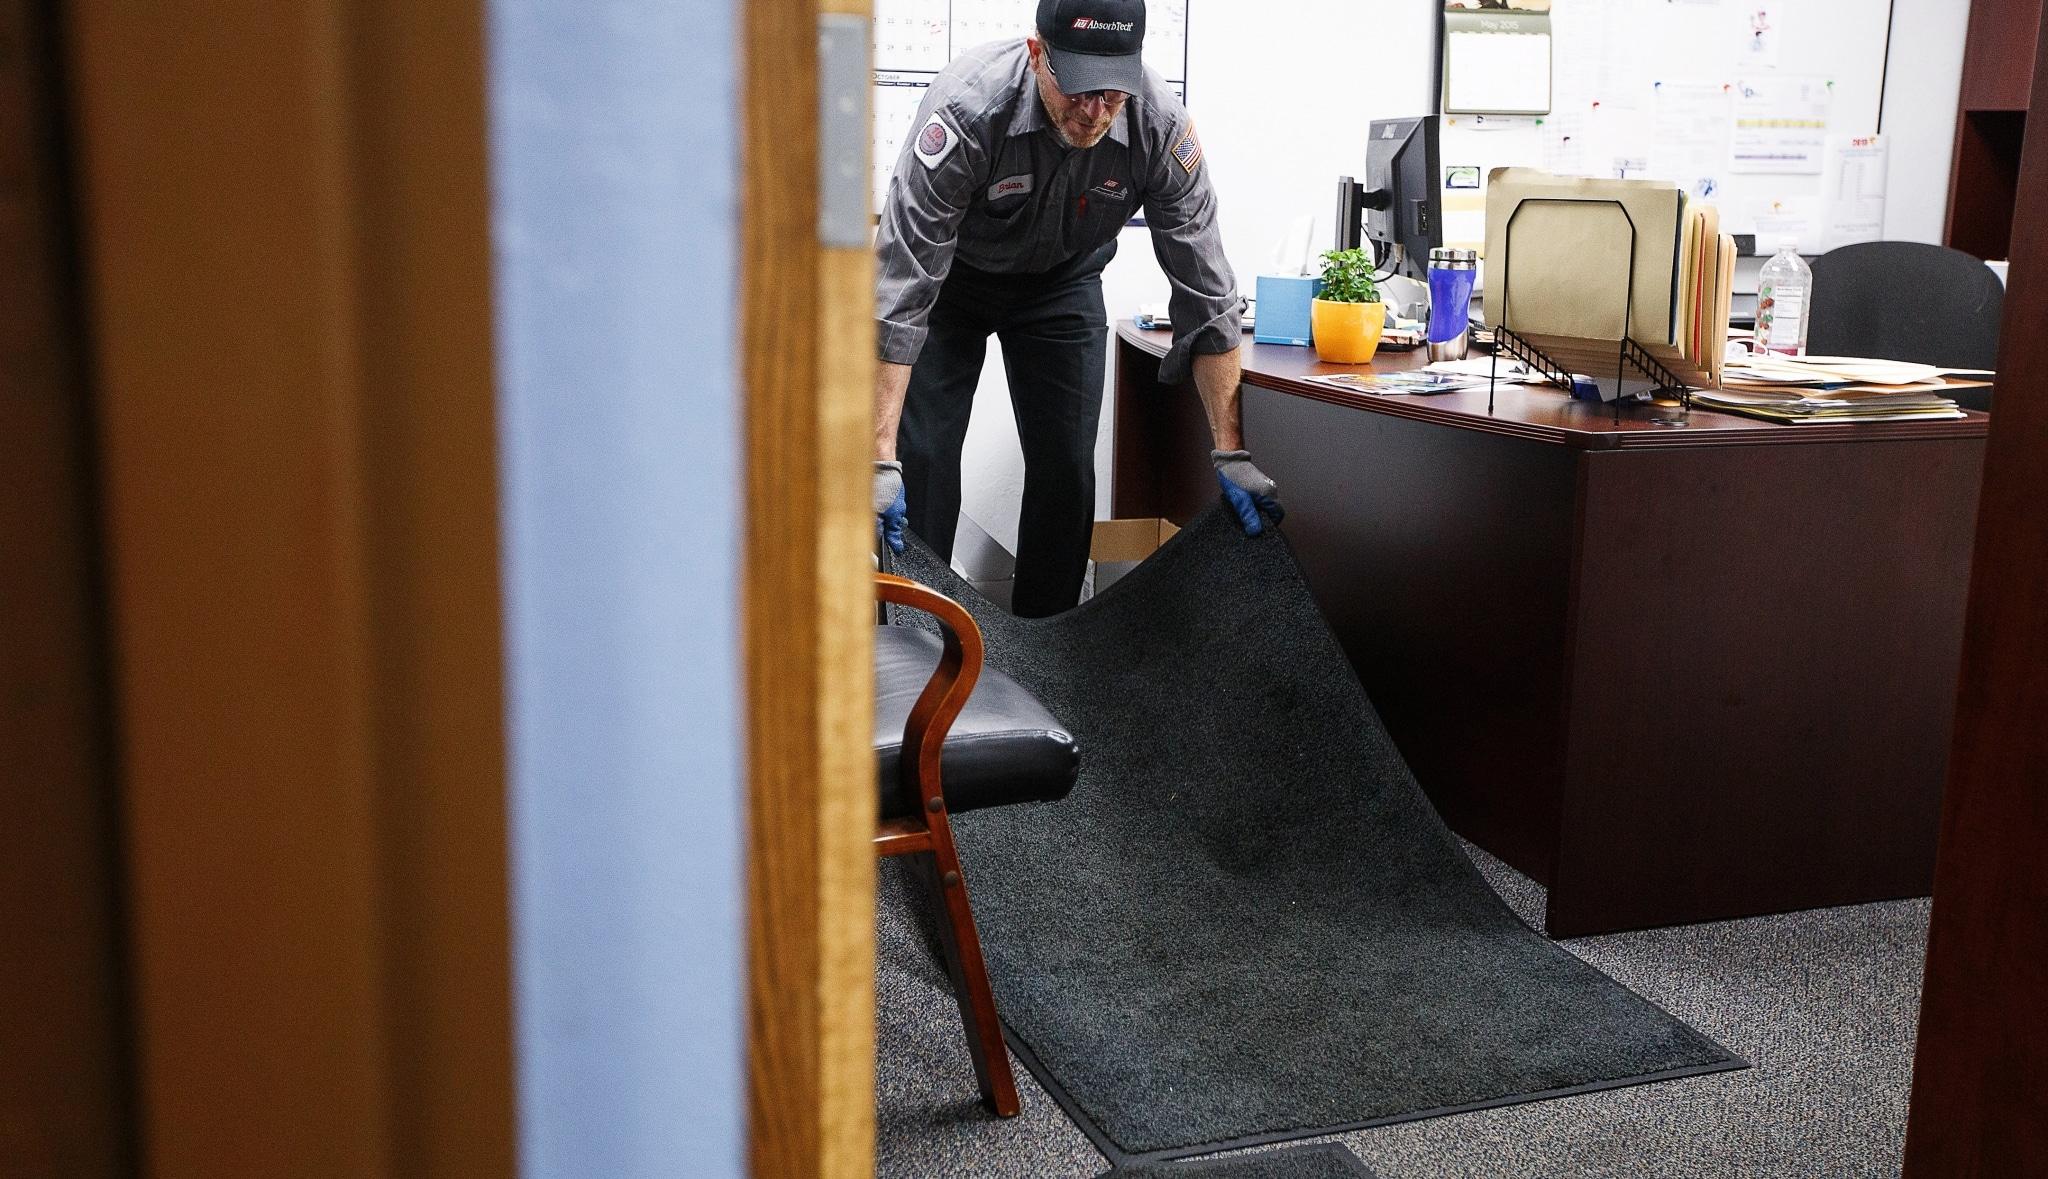 walk mat in an office